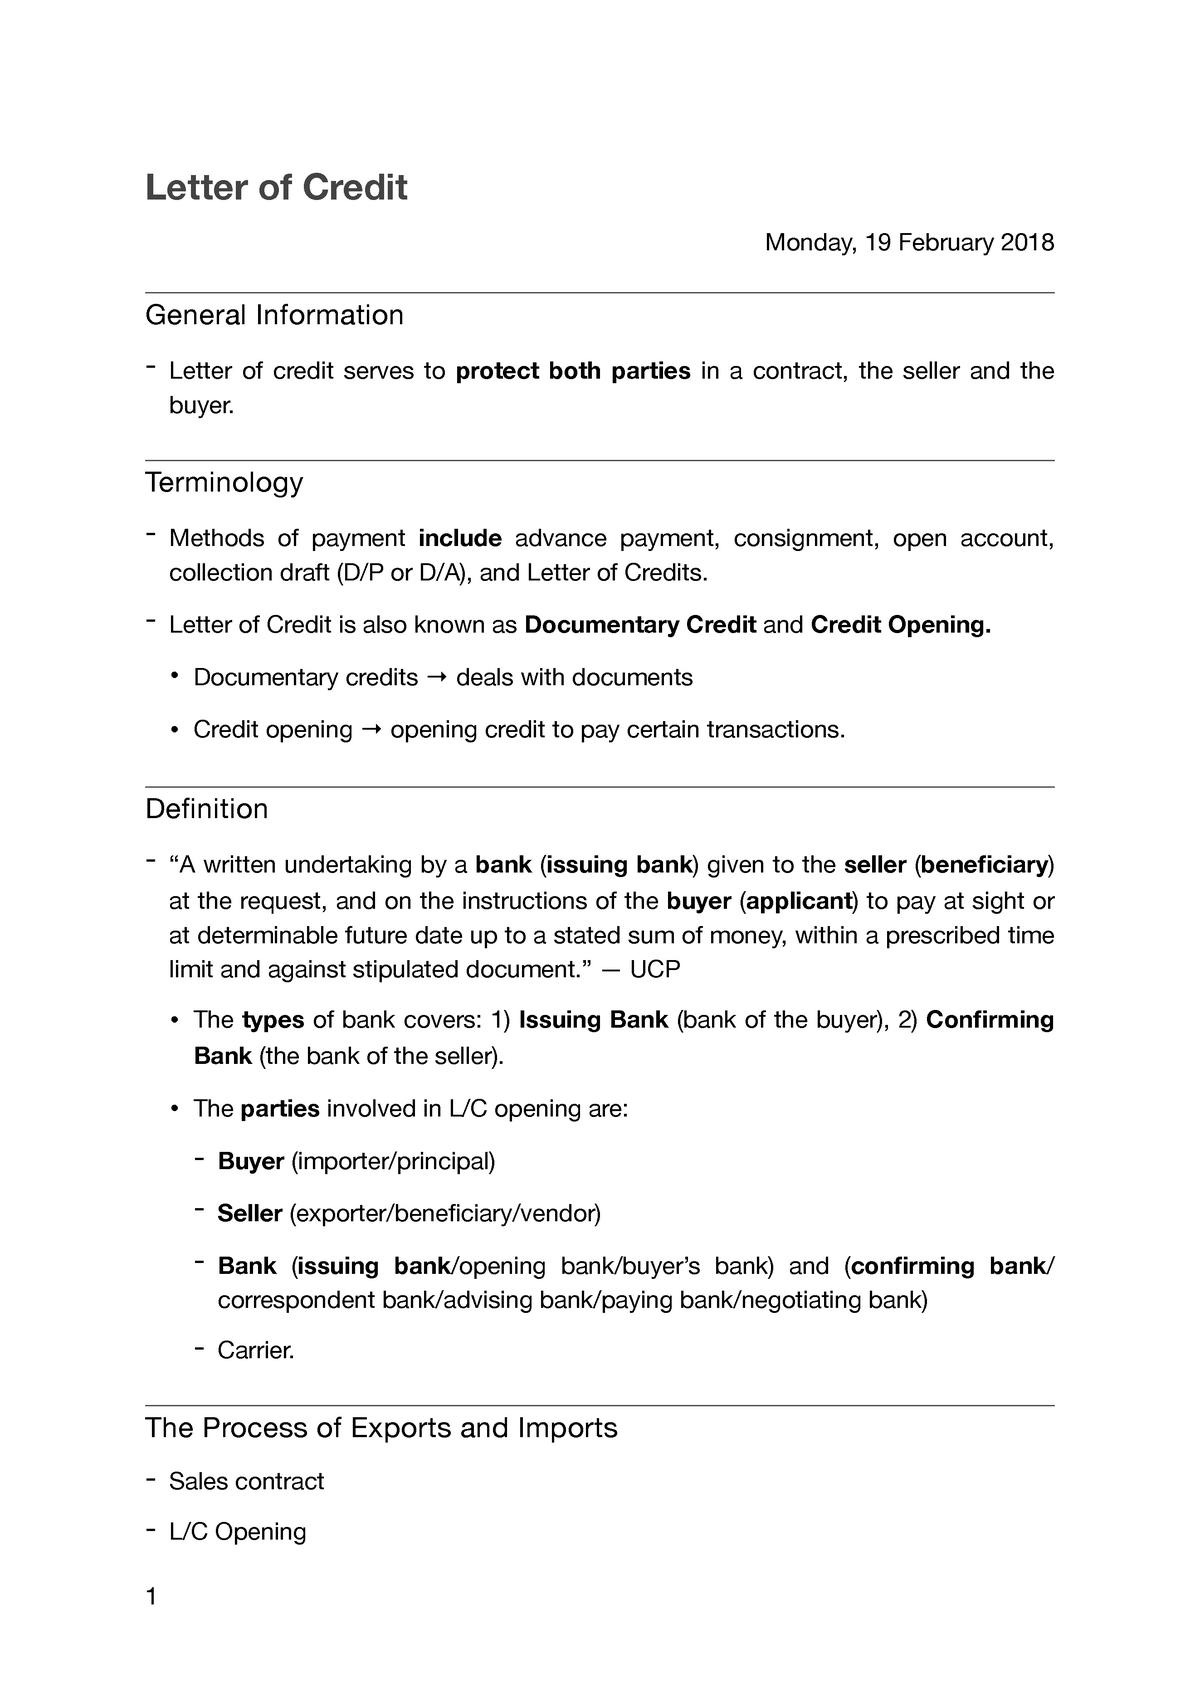 3  Letter of Credit - Lecture notes 5 - HKUI1247 - UGM - StuDocu